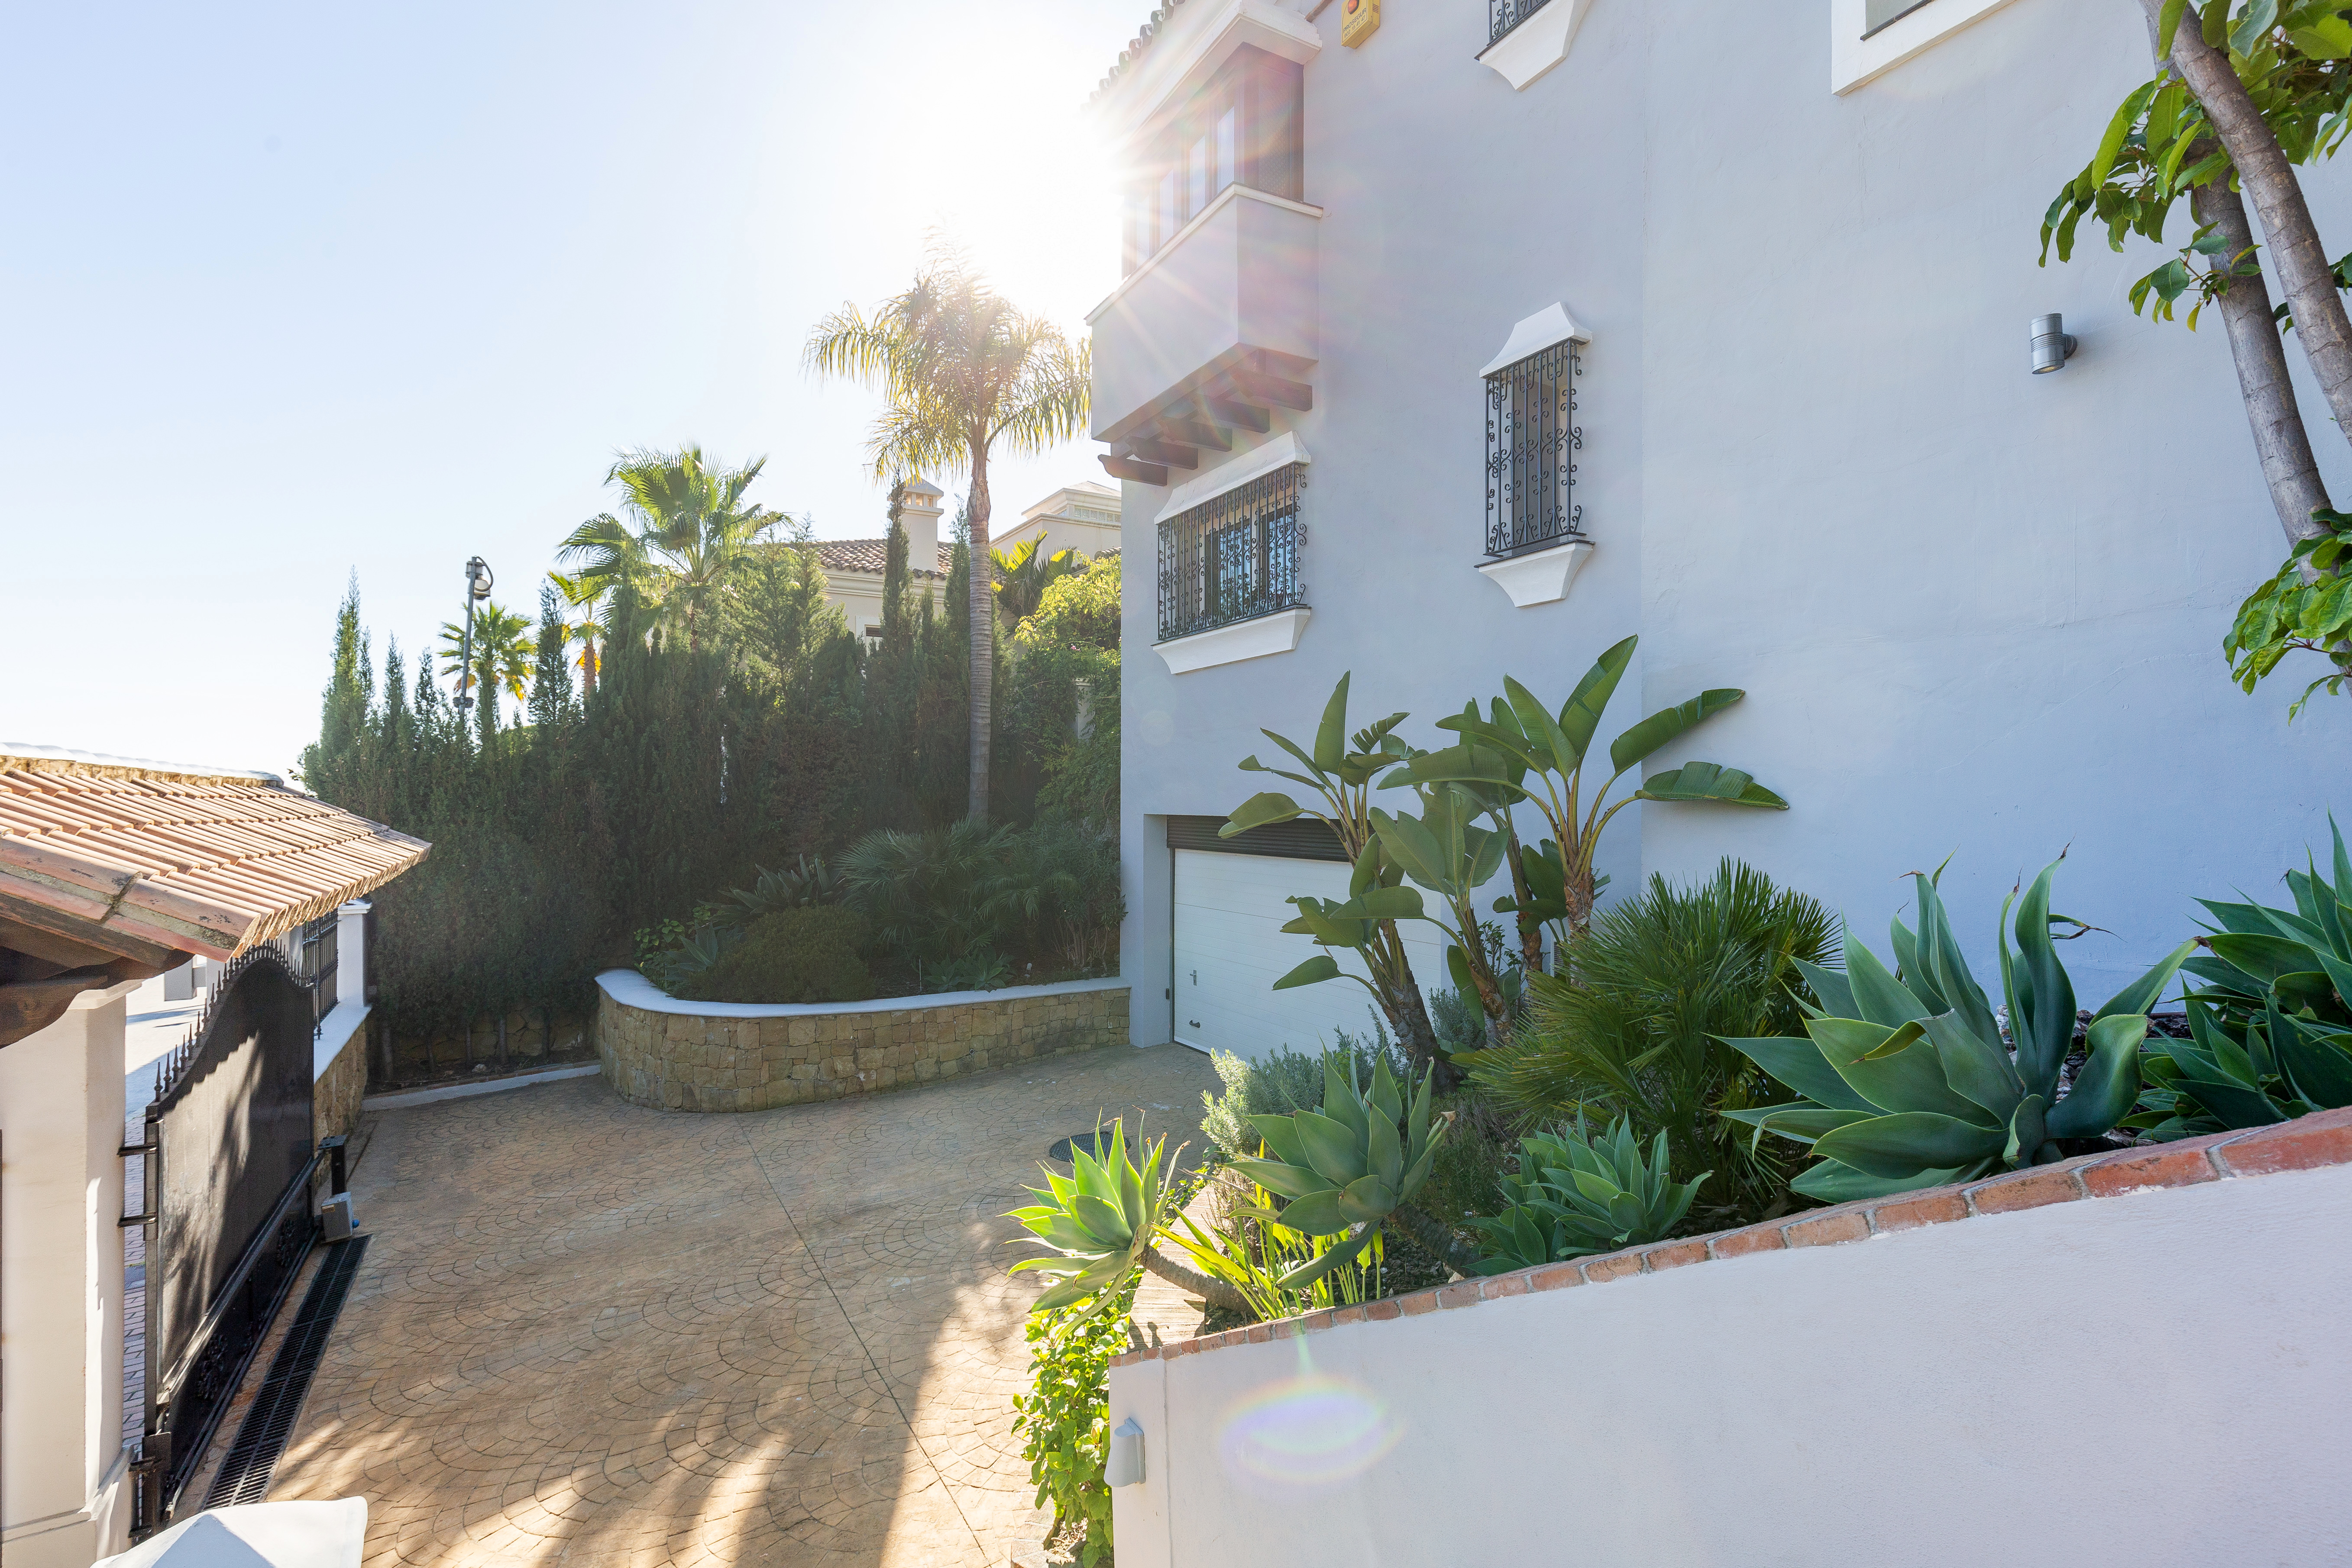 4 Bedroom Villa Nueva Andalucía